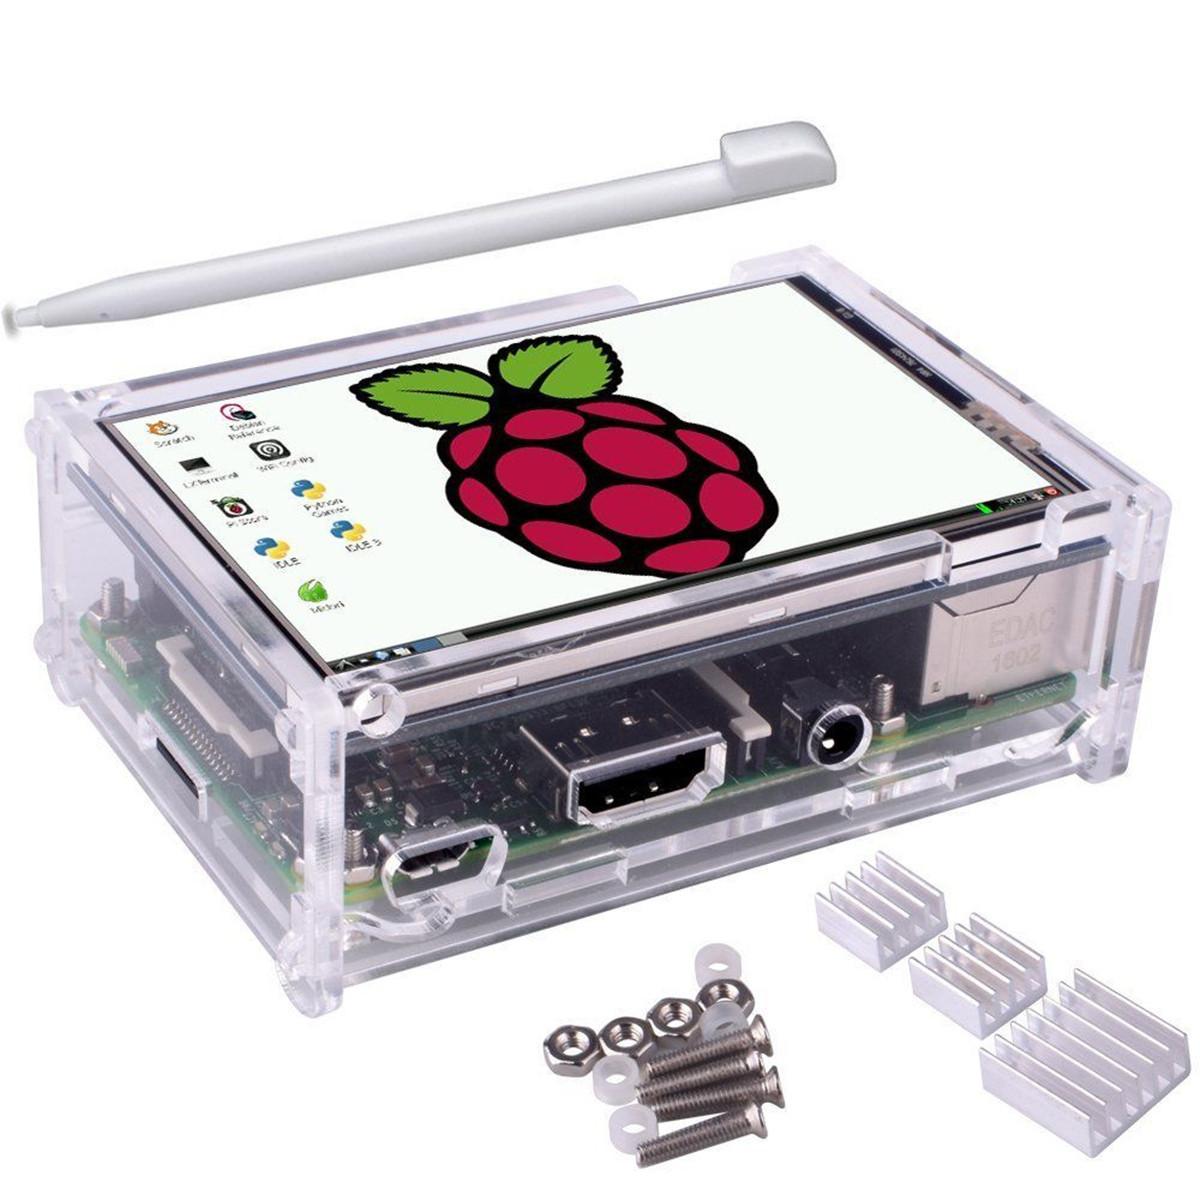 3,5 дюйма TFT LCD Сенсорный экран + Защитный Чехол + Радиатор + Сенсорная Ручка Набор Для Raspberry Pi 3/2/Модель 1TopShop